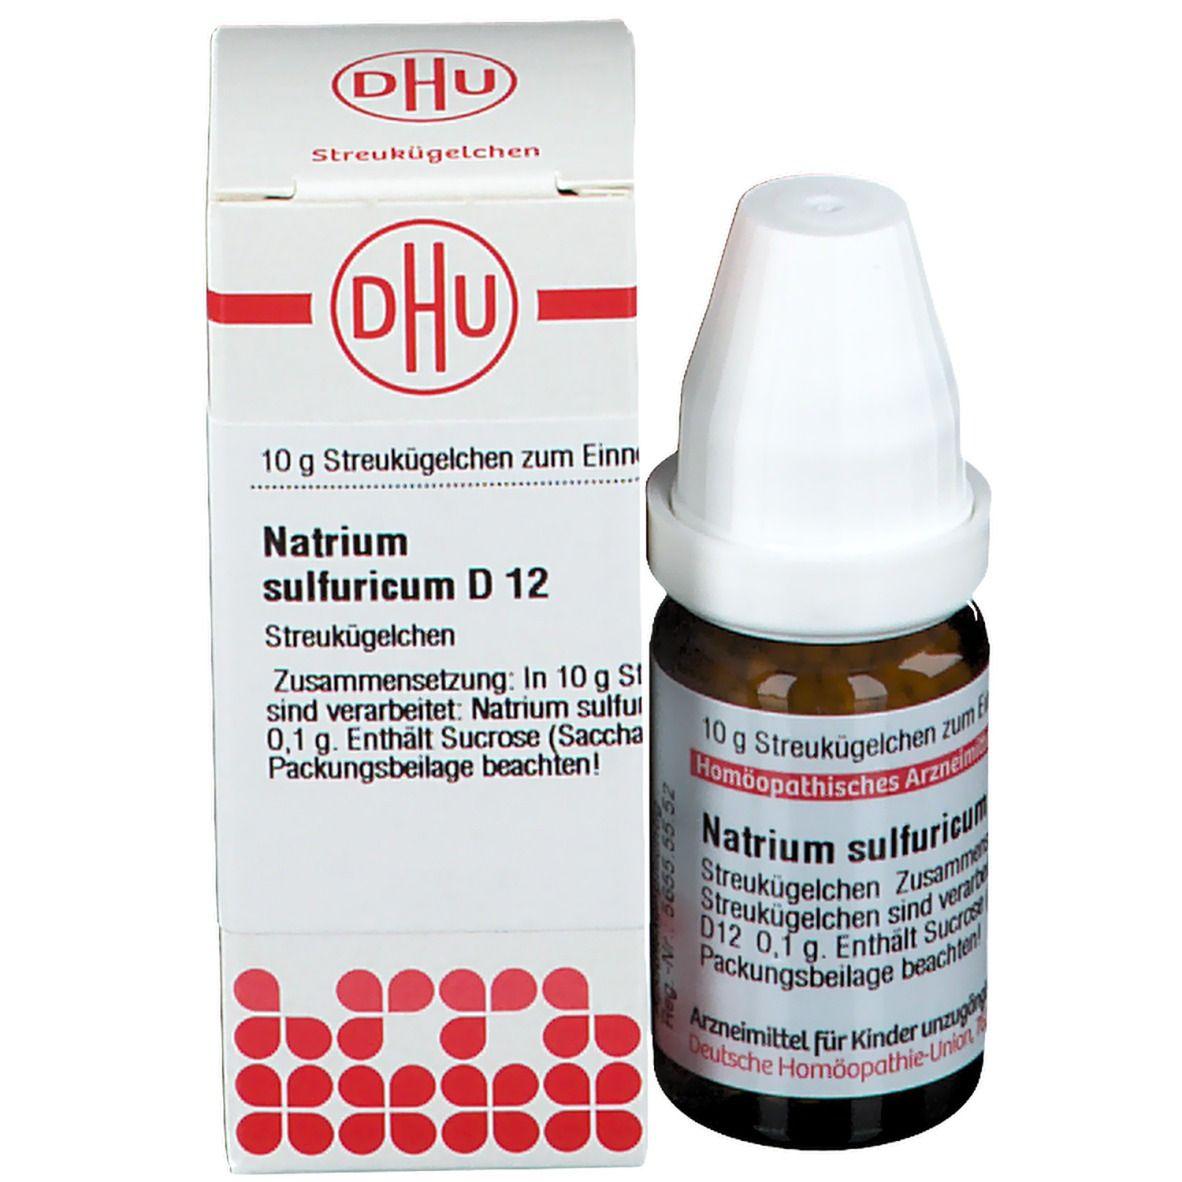 DHU Natrium Sulfuricum D12